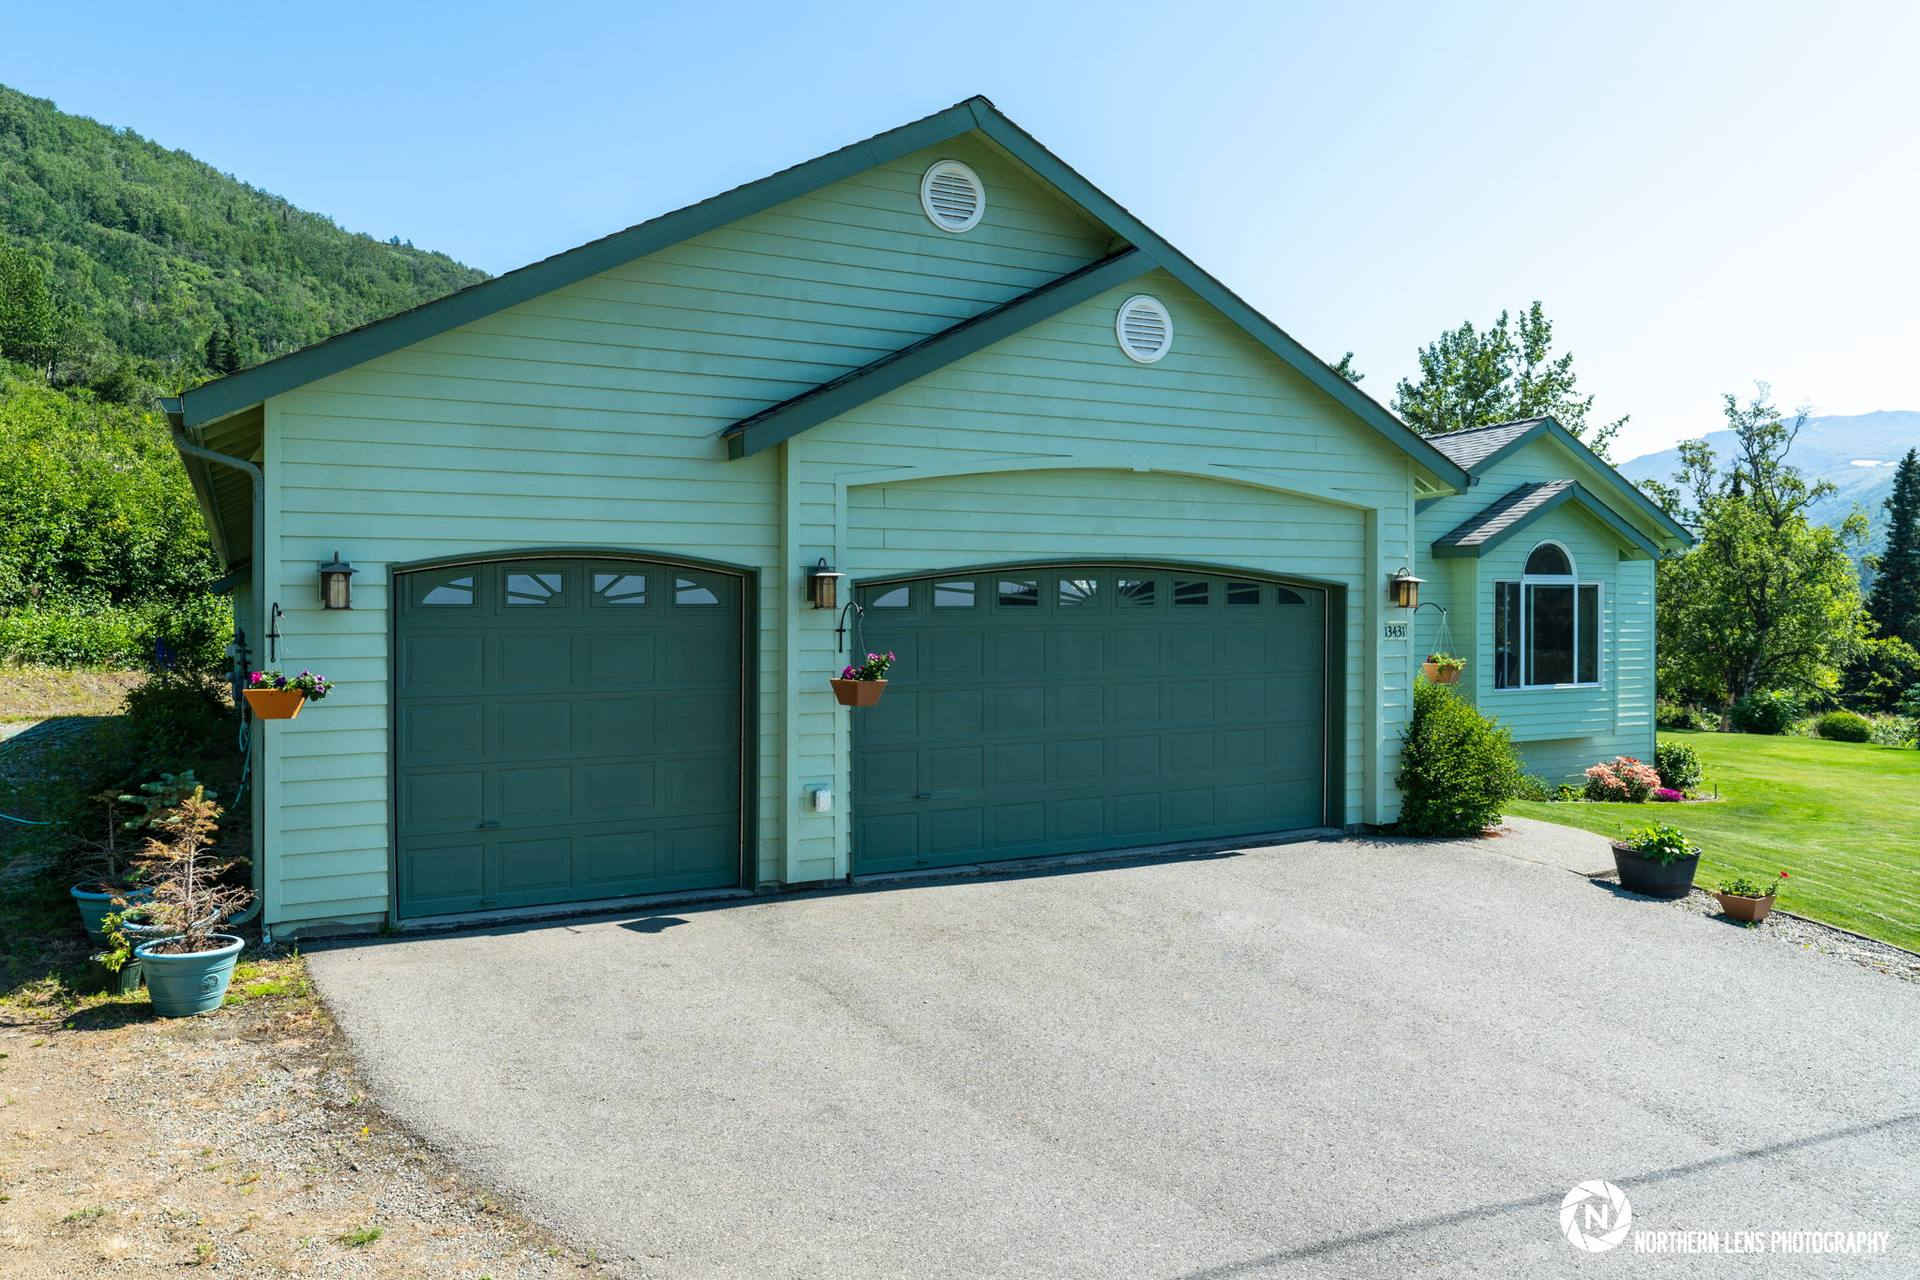 13431 Canyon Rd, Anchorage, AK 99516, USA